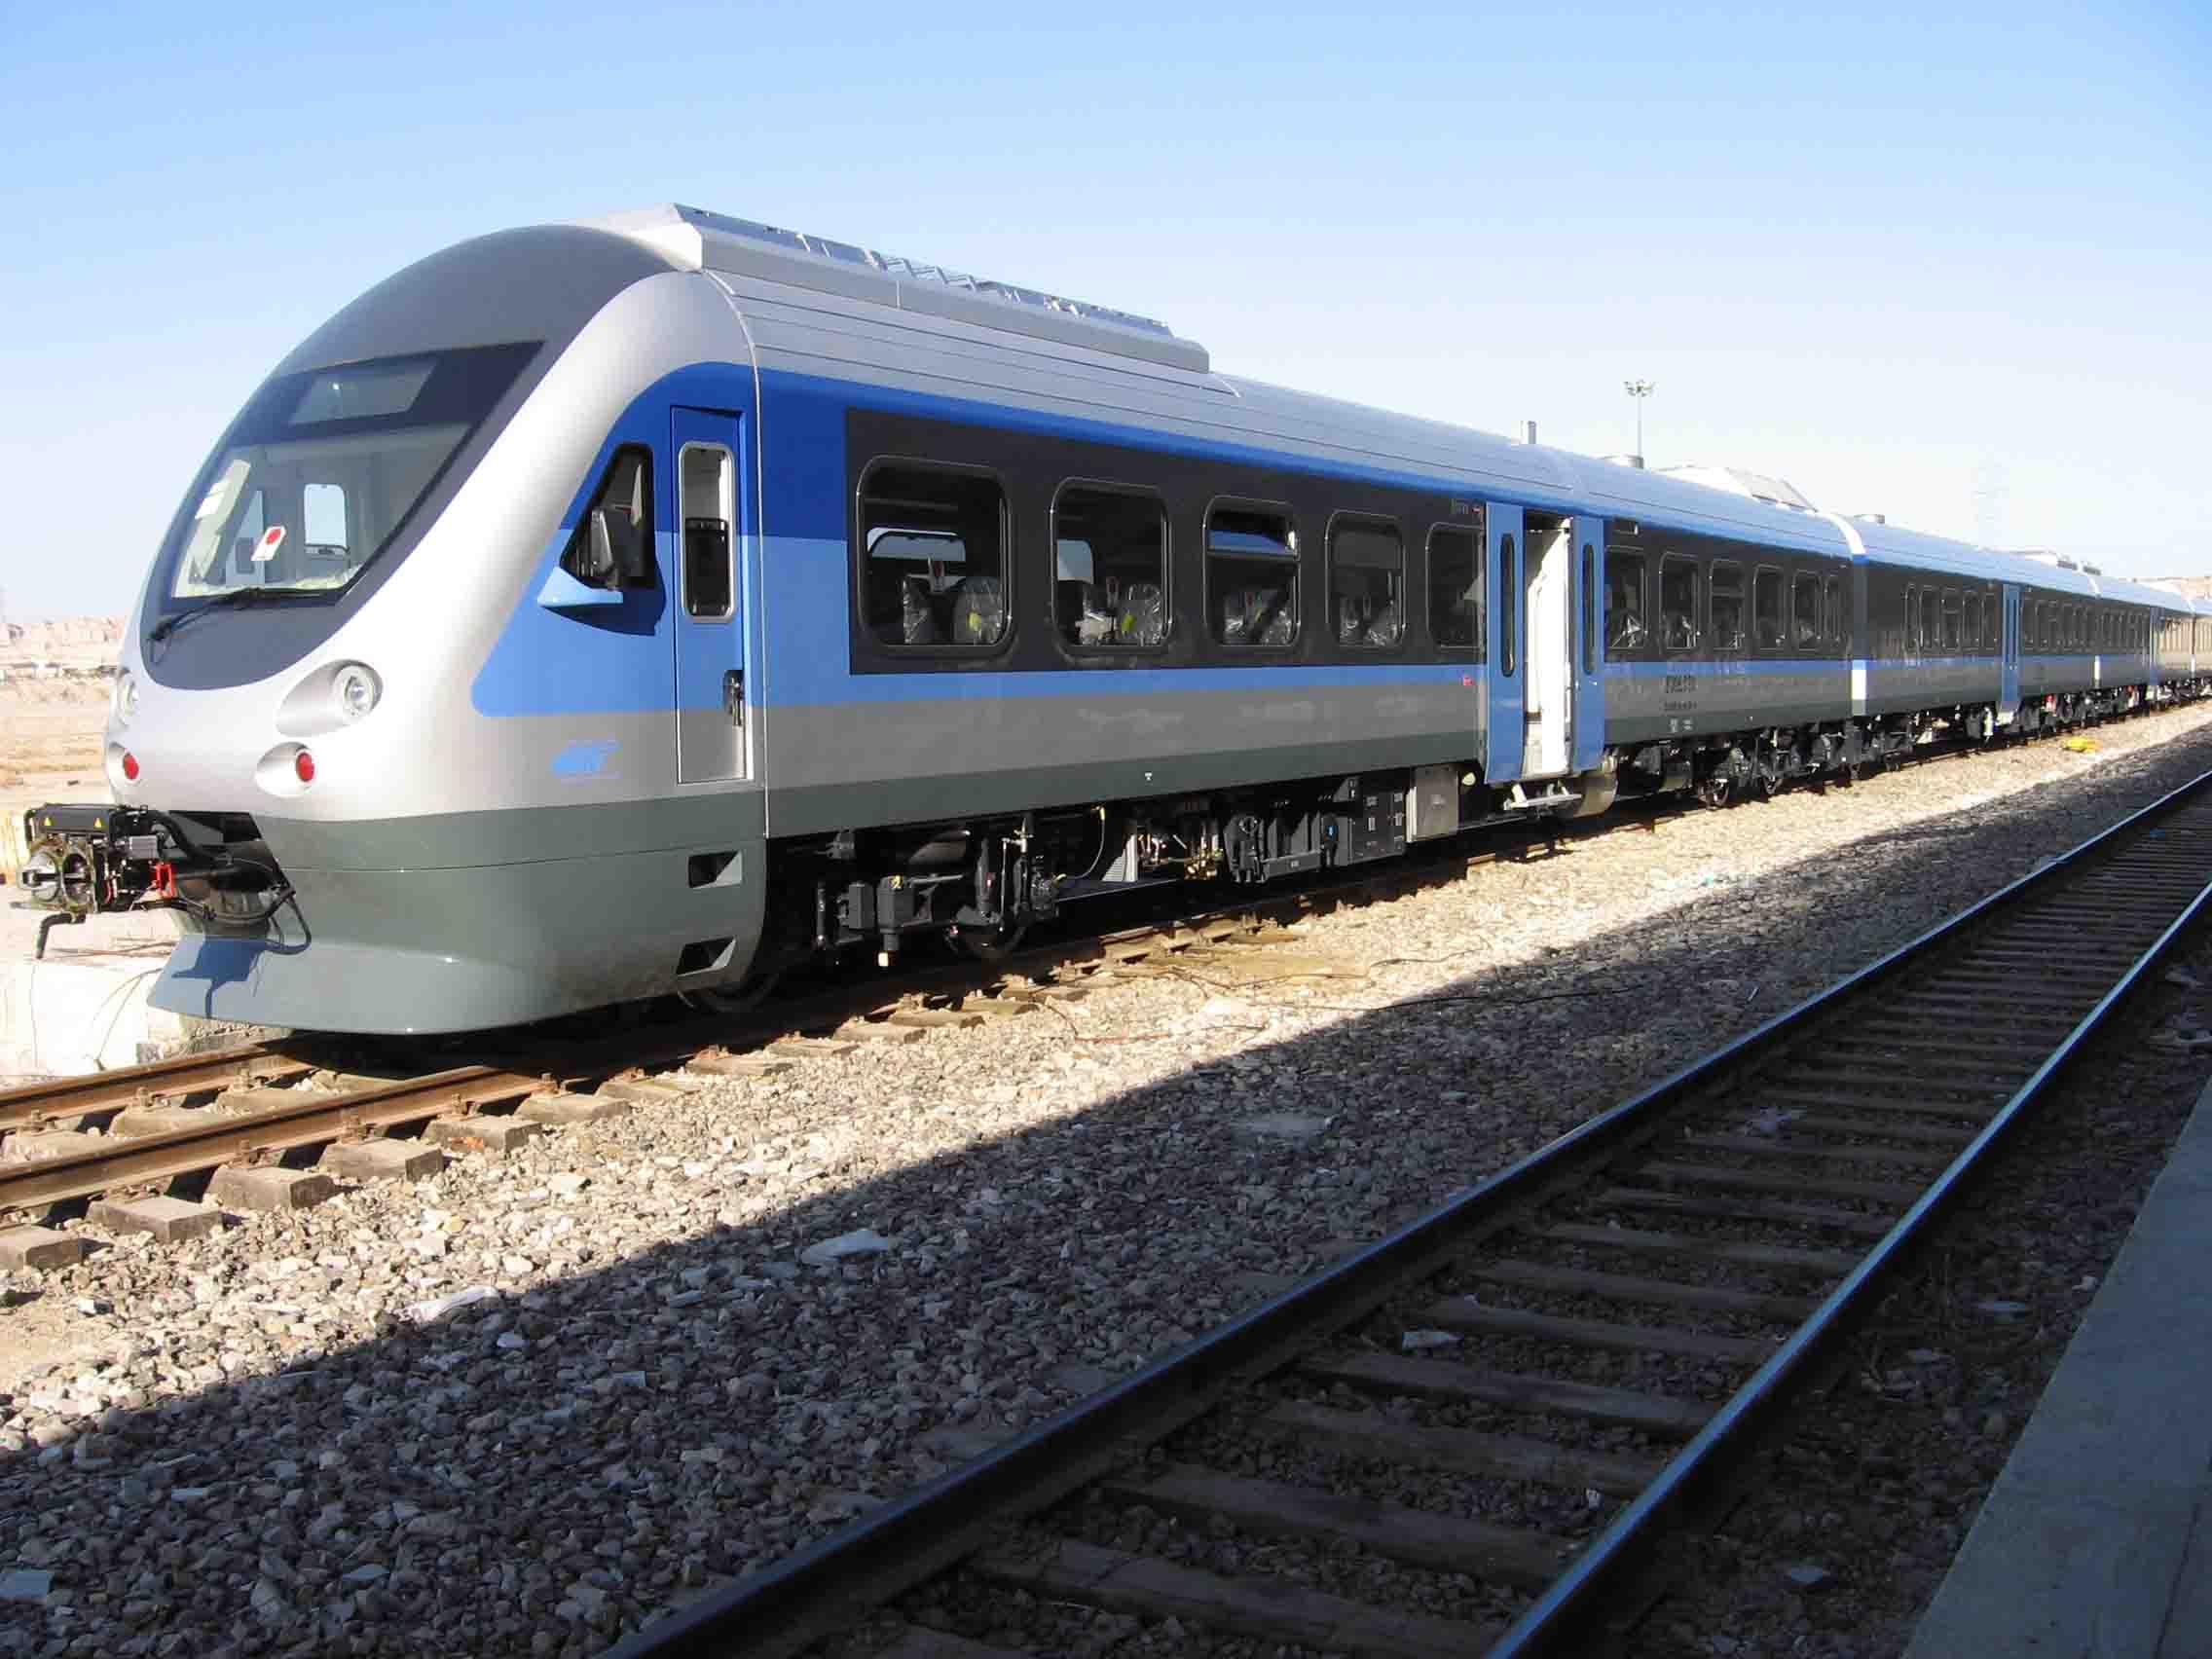 زمان سفر ریلی از ایستگاه راه آهن آذربایجان غربی دوساعت کاهش یافت